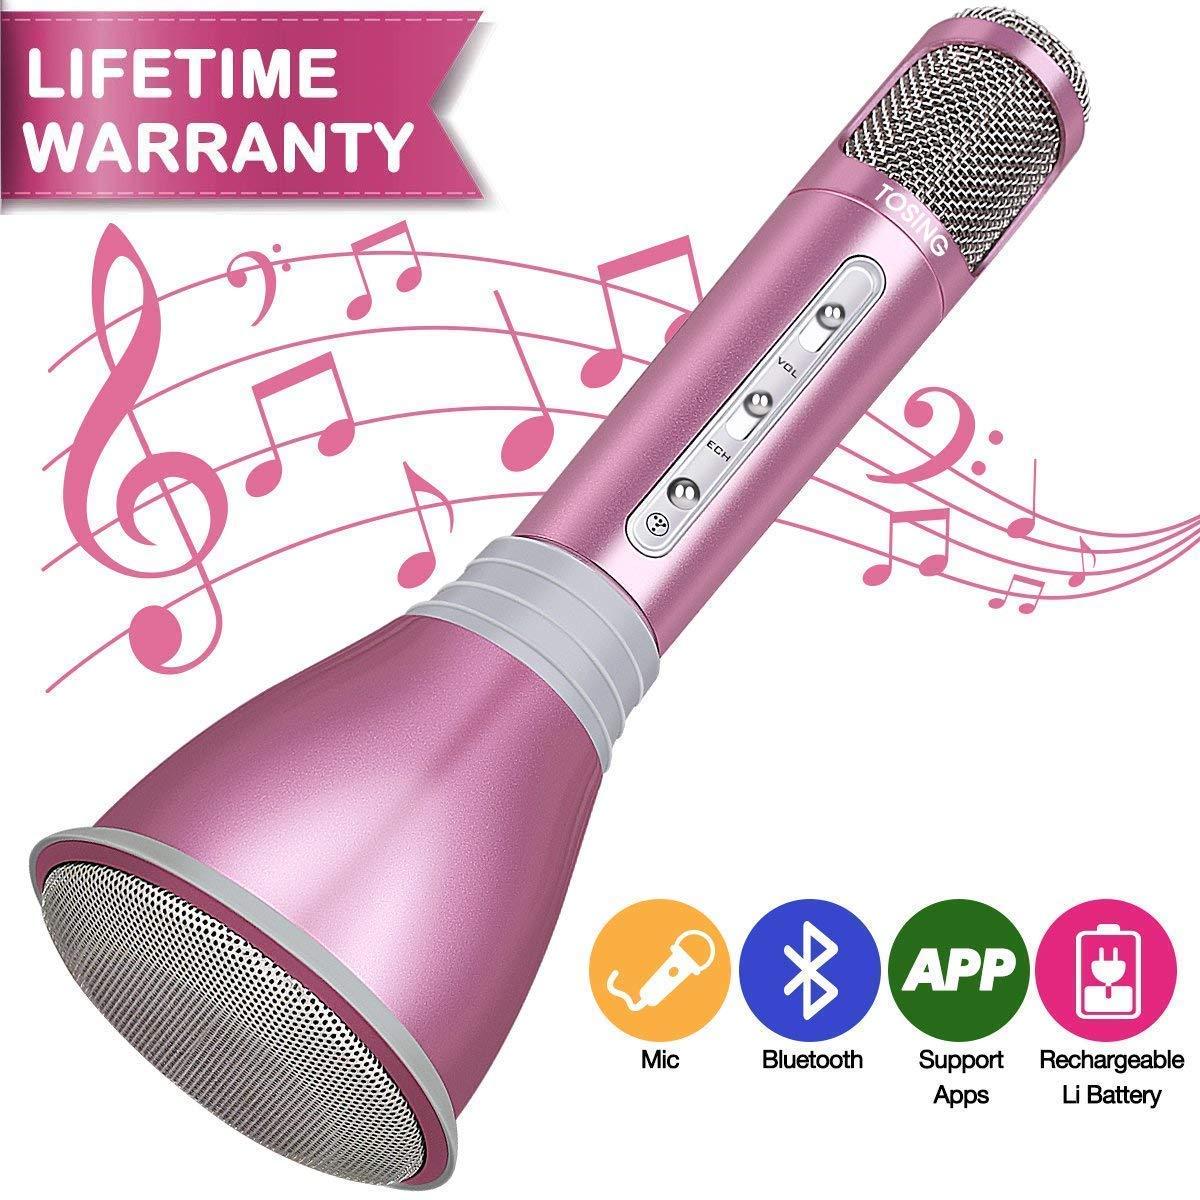 HooYL Microphone Bluetooth sans Fil Portable Karaoke Player Enregistrement des Chansons Compatible avec Apple iPhone Android Smartphone PC iPad pour Jouer de la Musique, Chanter (Or Rose) product image